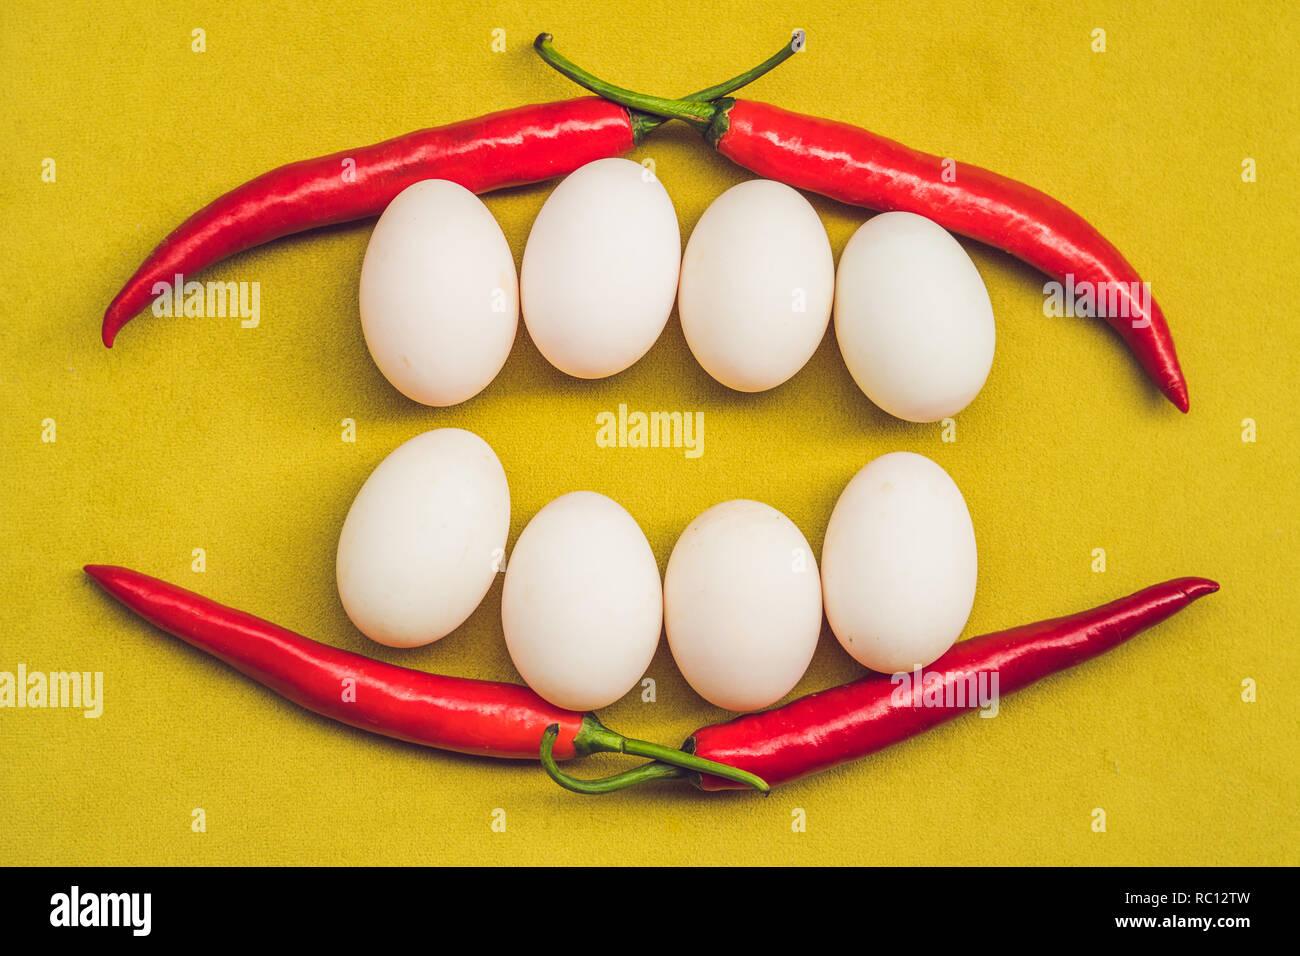 Saludable comida cara sonriente. Concepto de comida de desayuno, felices Pascuas concepto. Sonrisa dientes blancos de huevos y el pimiento rojo. Imagen De Stock